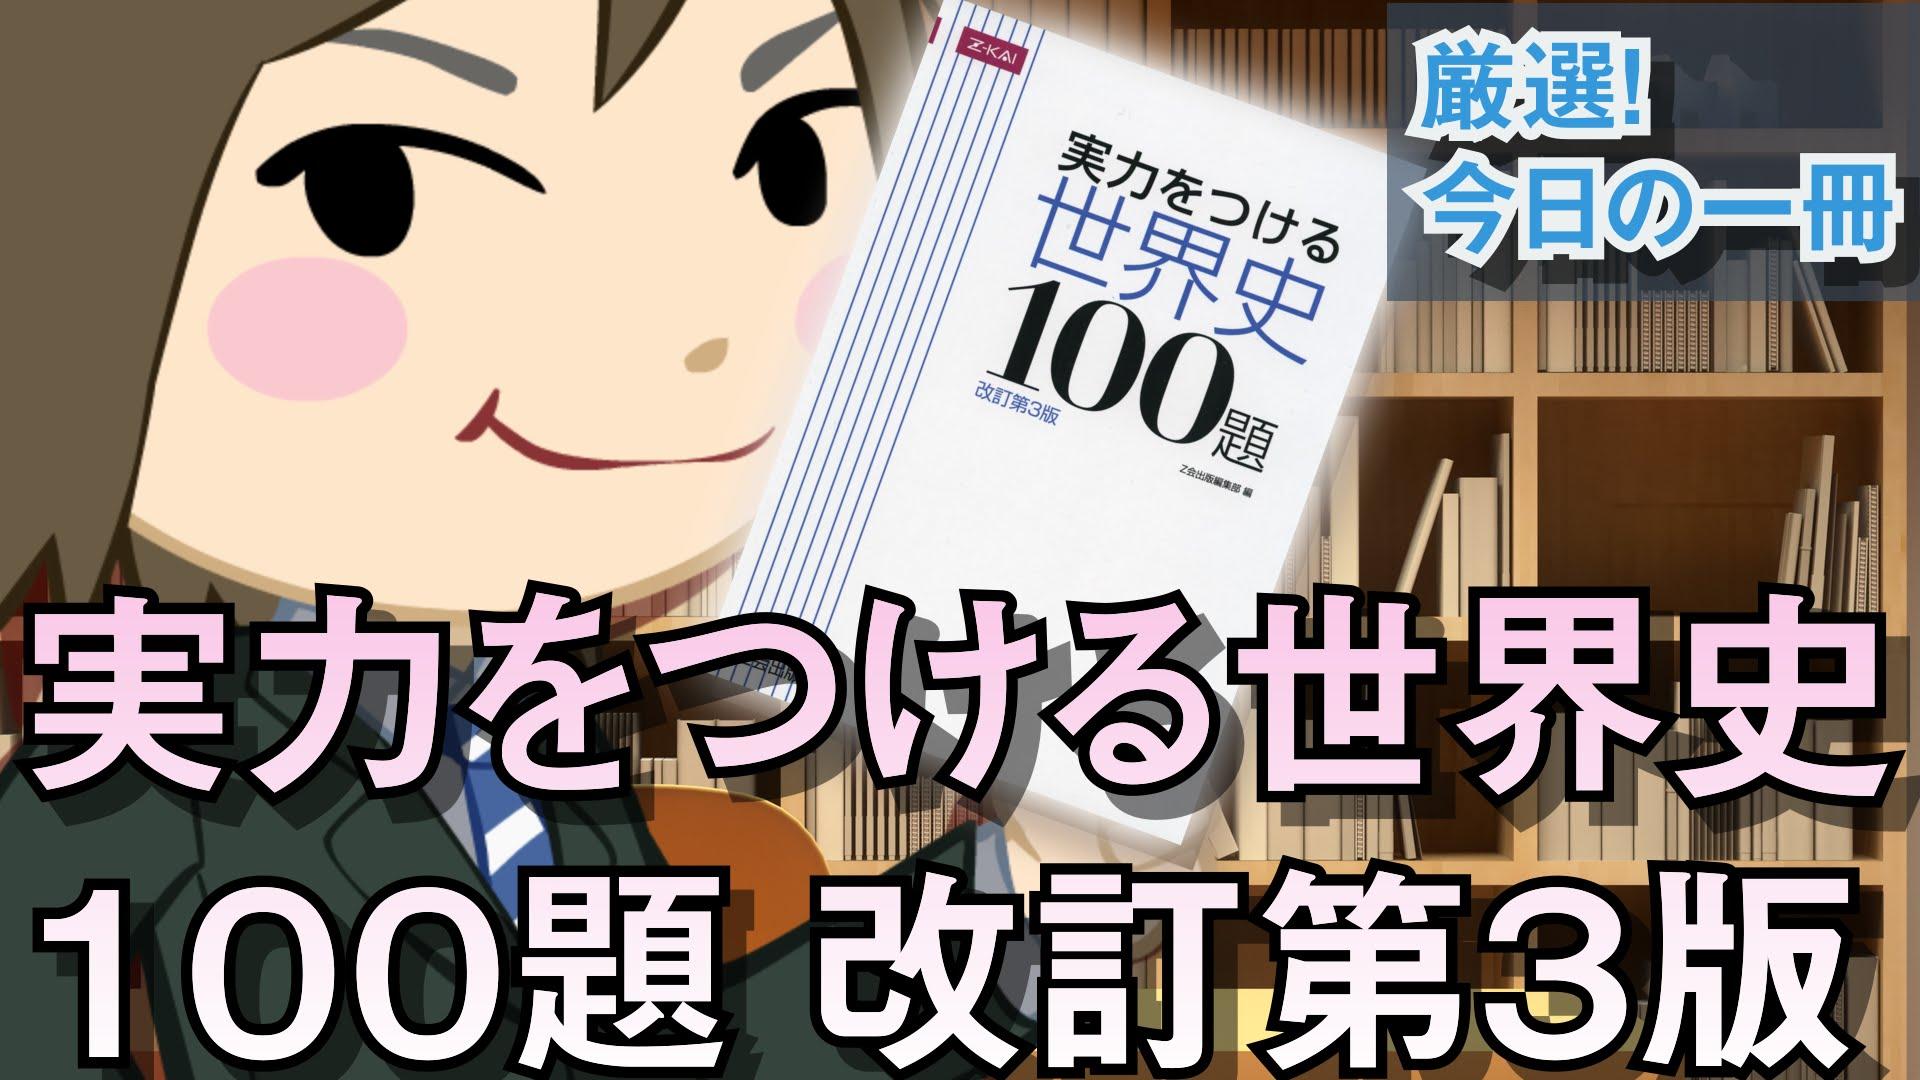 実力をつける世界史100題 改訂第3版|武田塾厳選!今日の一冊